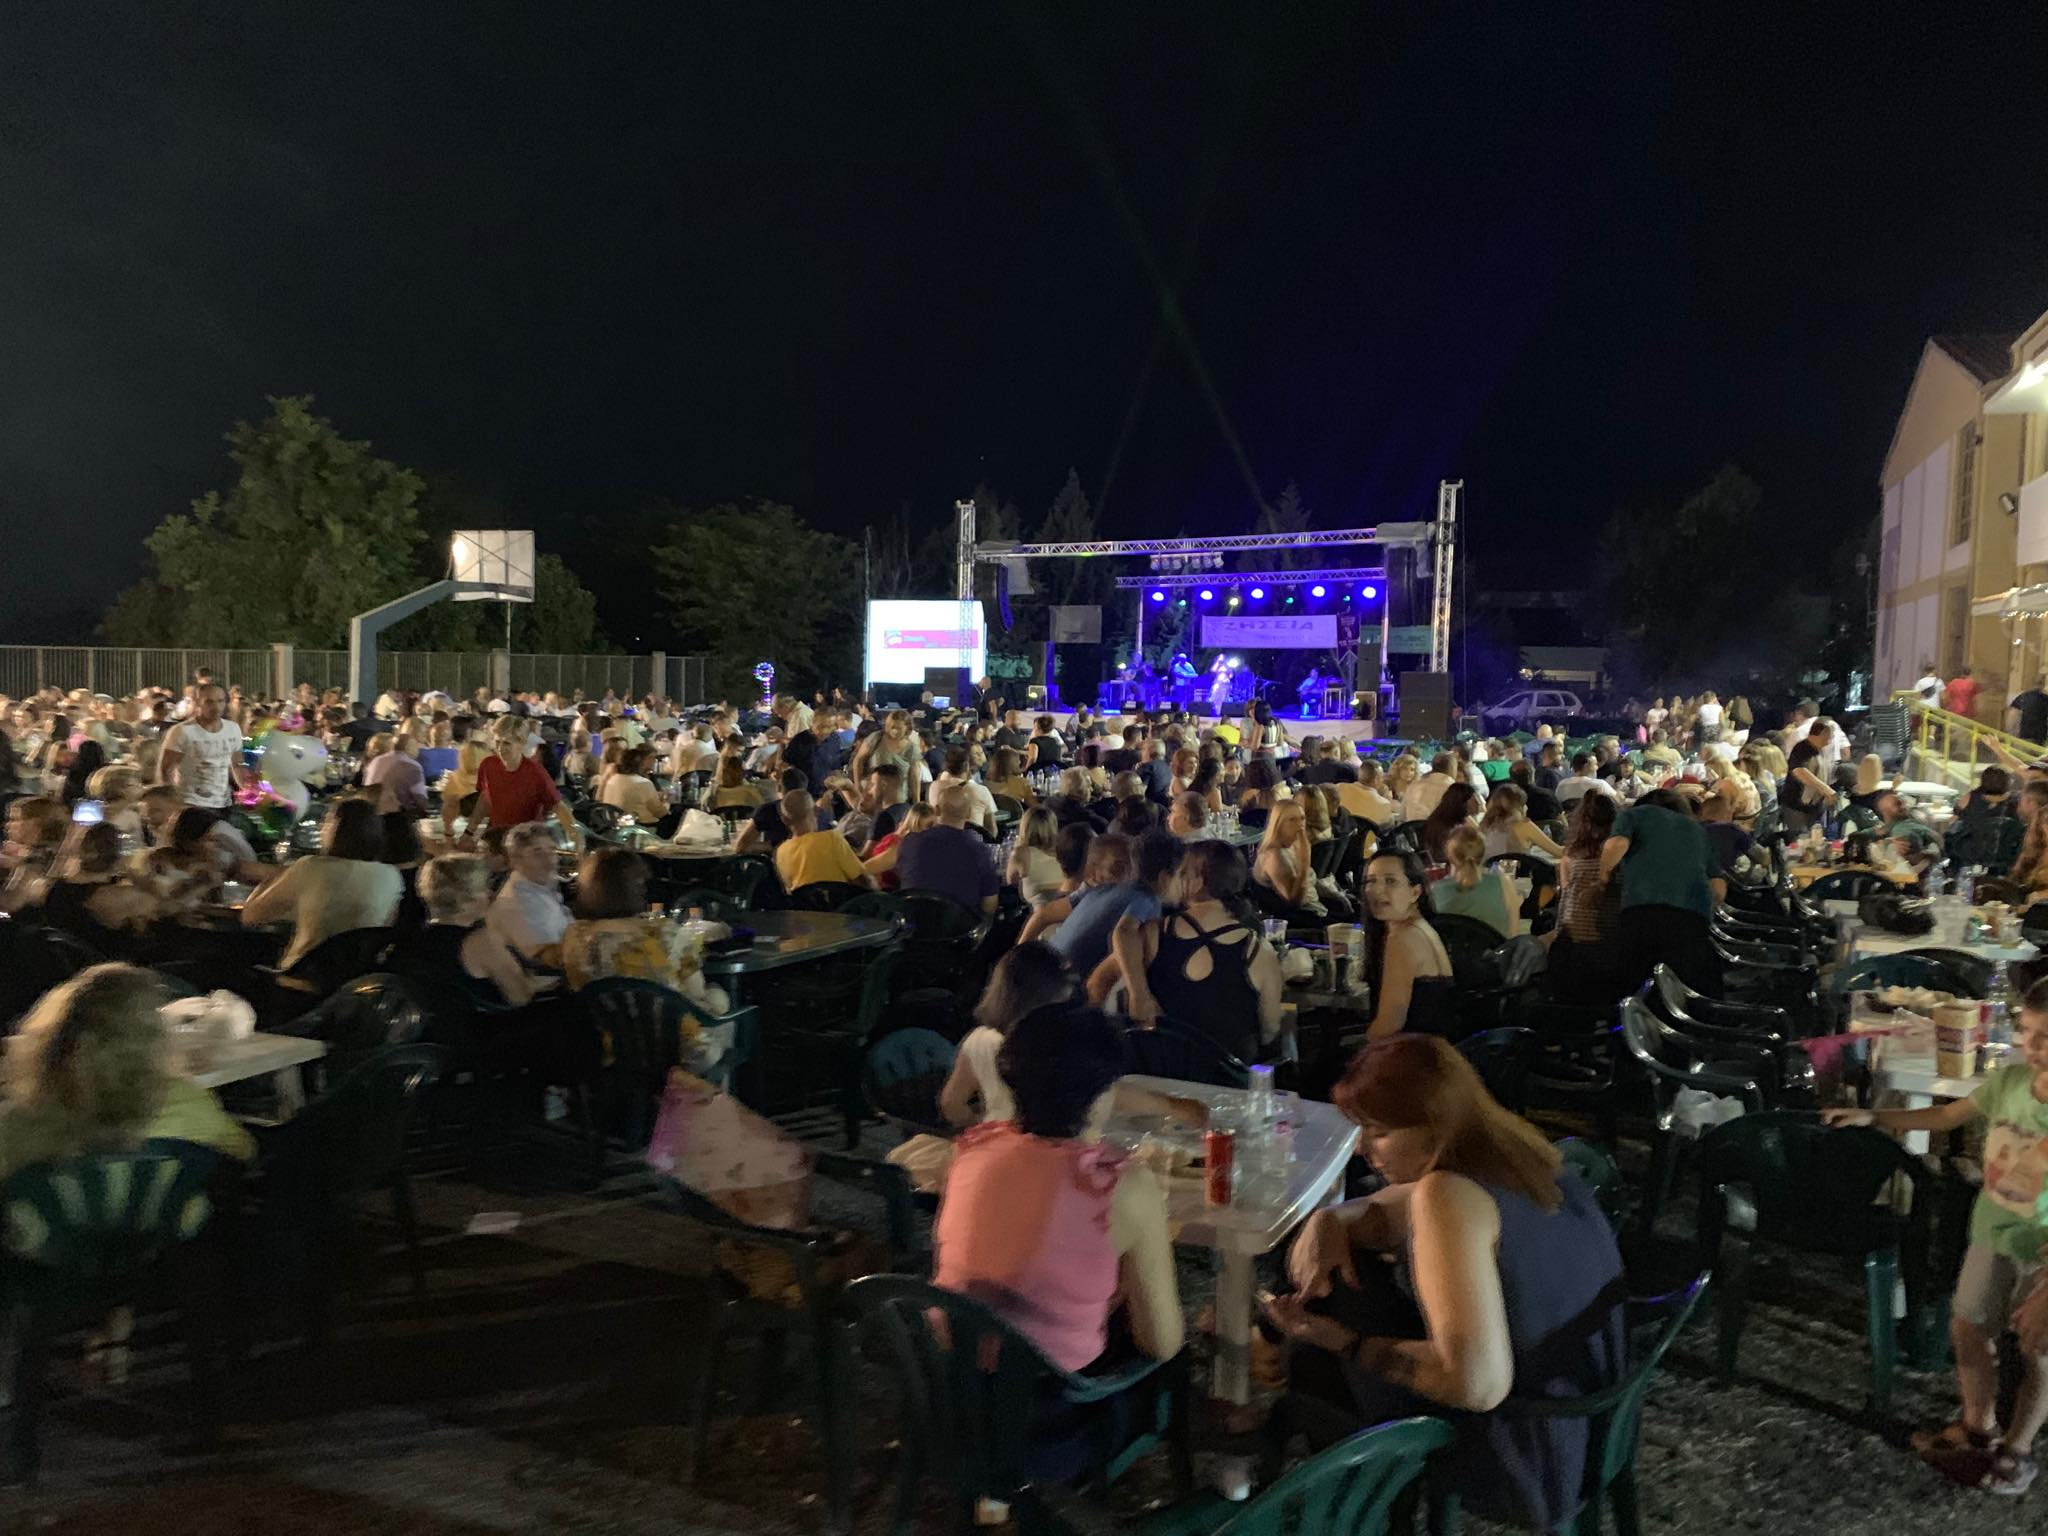 kozan.gr: Mε λαϊκή βραδιά, ξεκίνησαν το βράδυ της Τετάρτης 14 Αυγούστου, στην Άνω Κώμη Κοζάνης, τα «Ζήσεια 2019» (Φωτογραφίες)